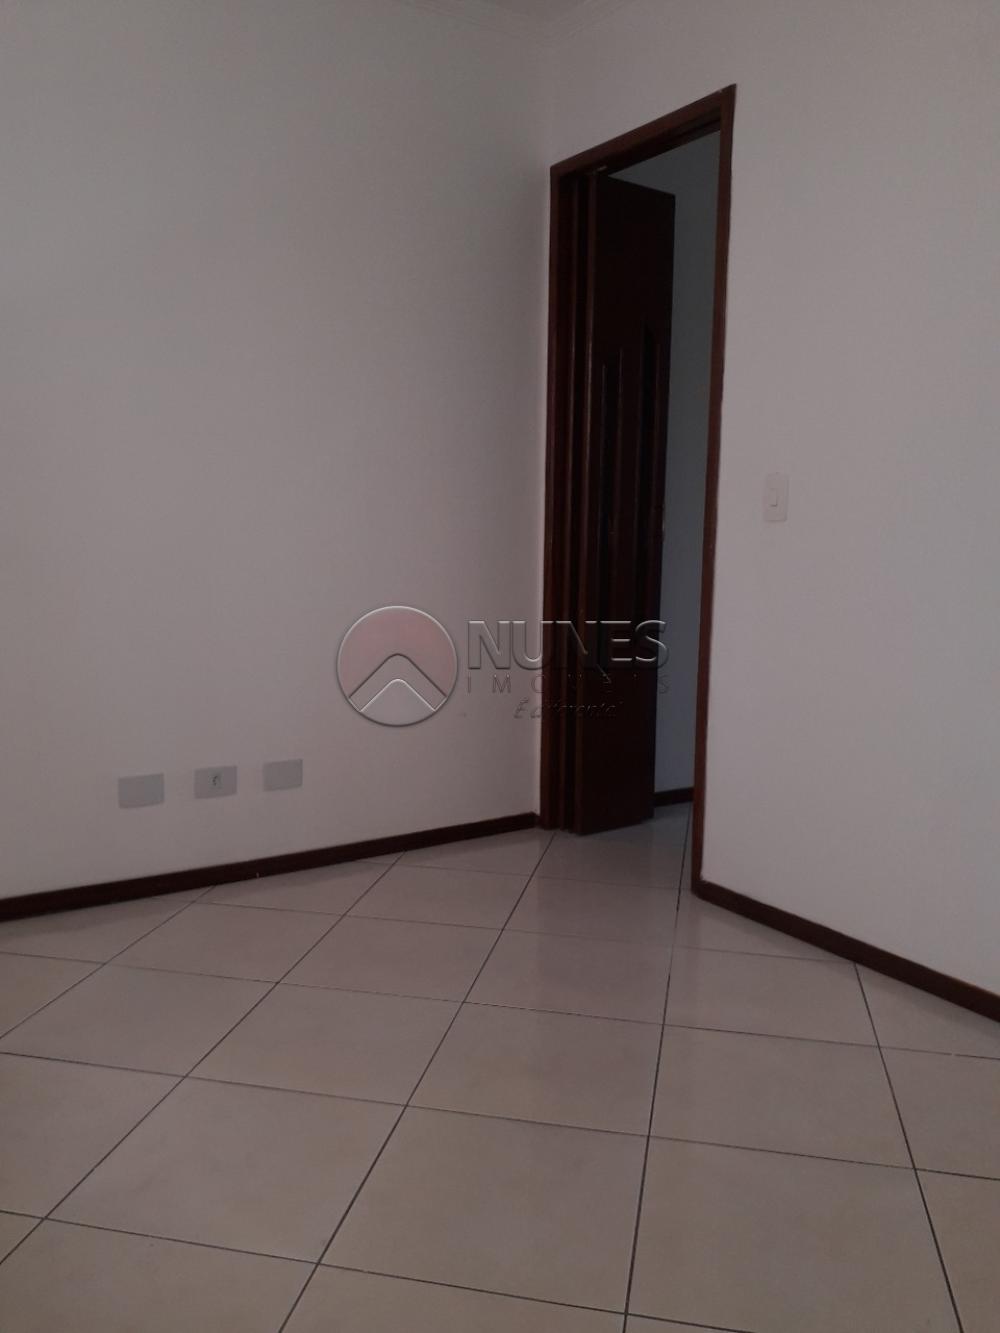 Alugar Casa / Sobrado em Condominio em São Paulo apenas R$ 1.000,00 - Foto 14